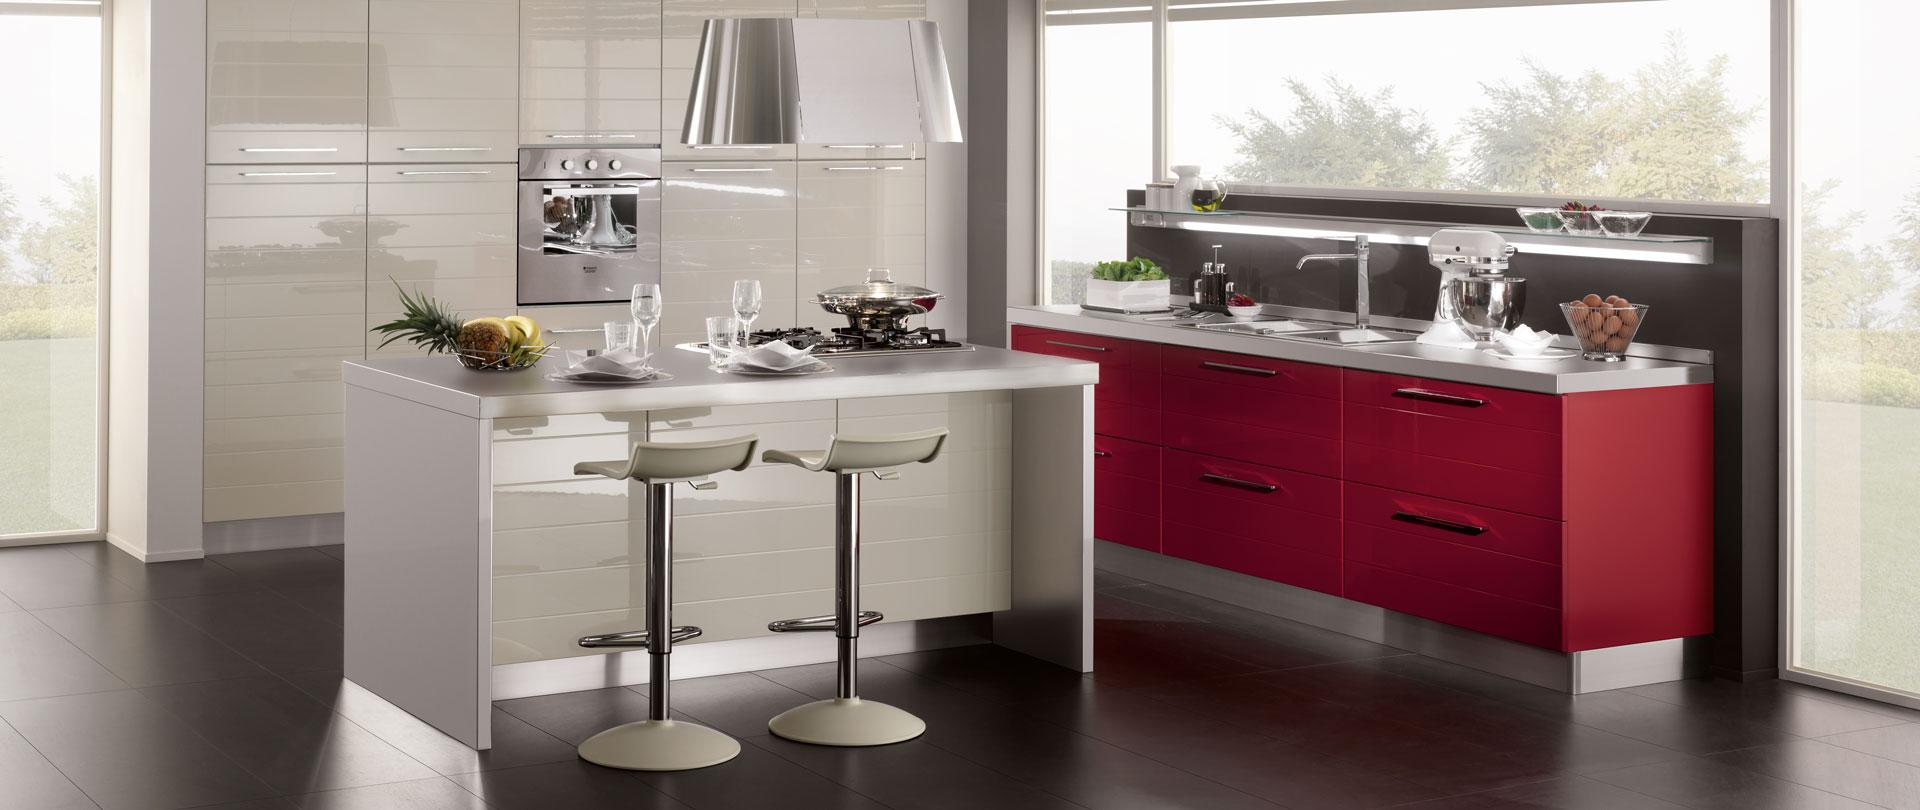 cucina razionale